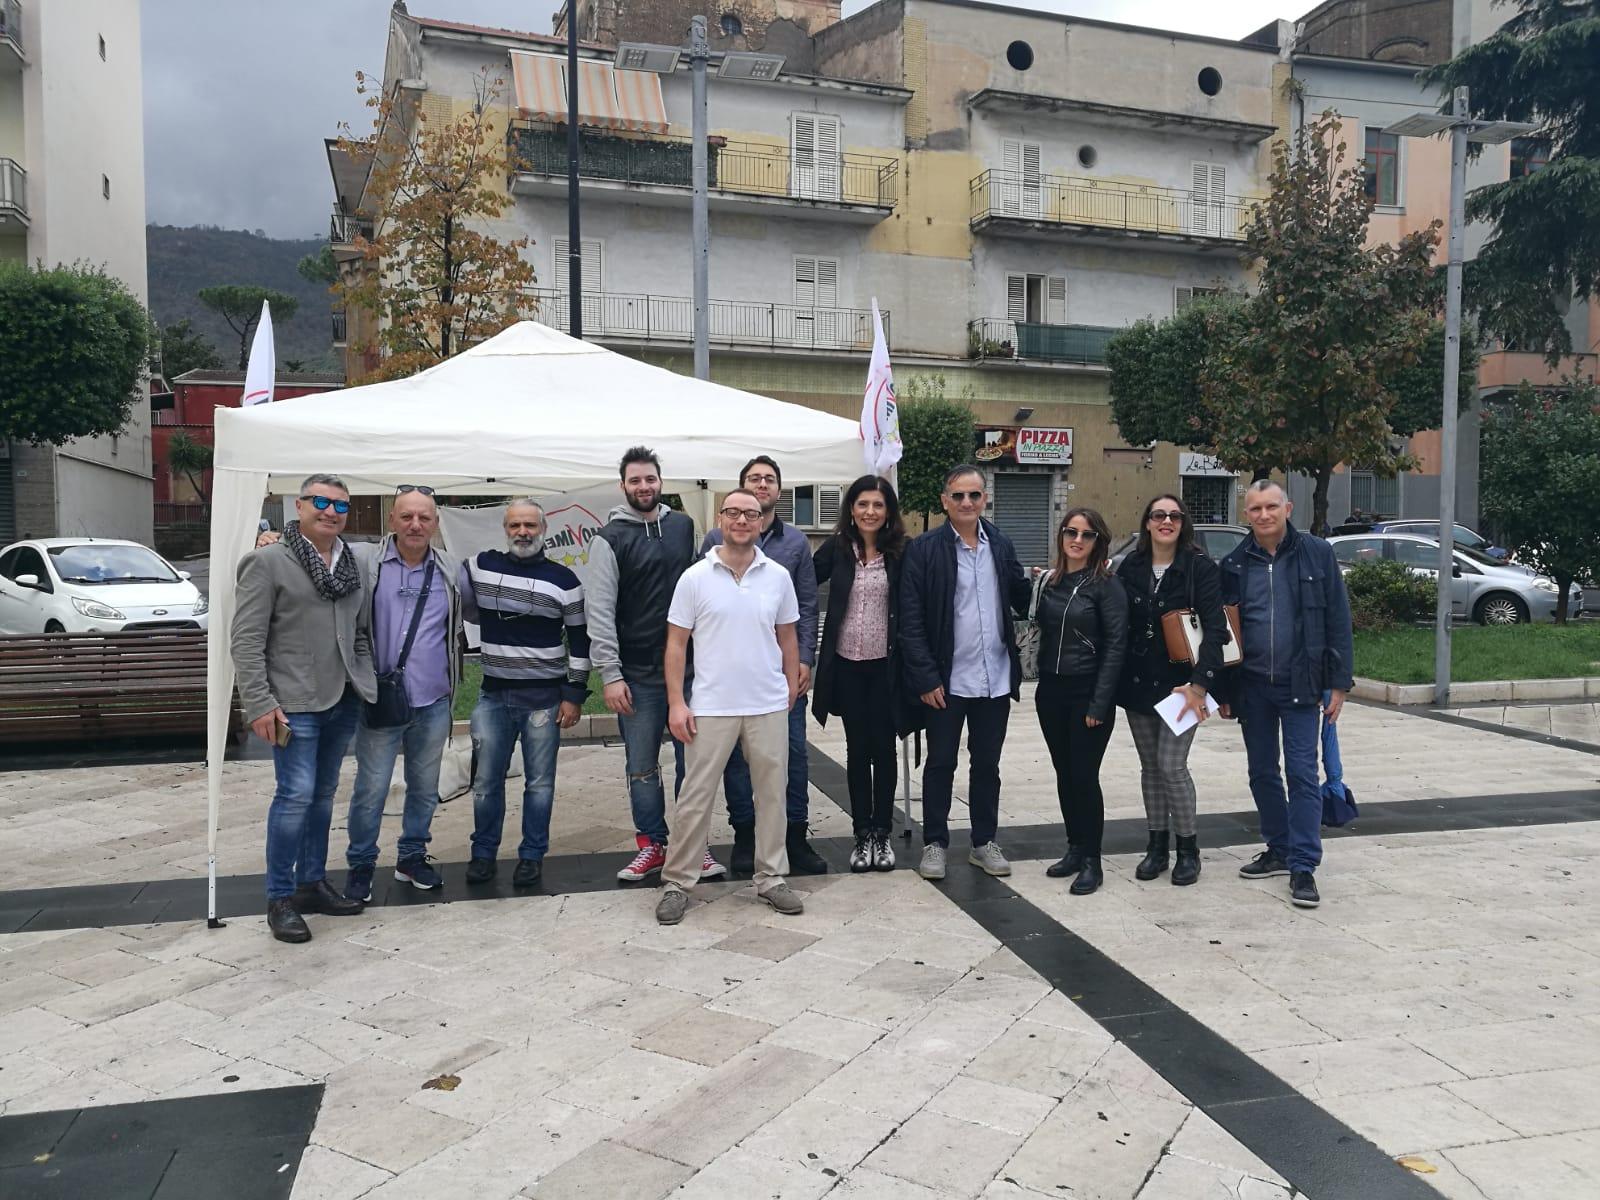 Santa Maria a Vico. Refezione scolastica: il meetup chiede una carta dei servizi - BelvedereNews